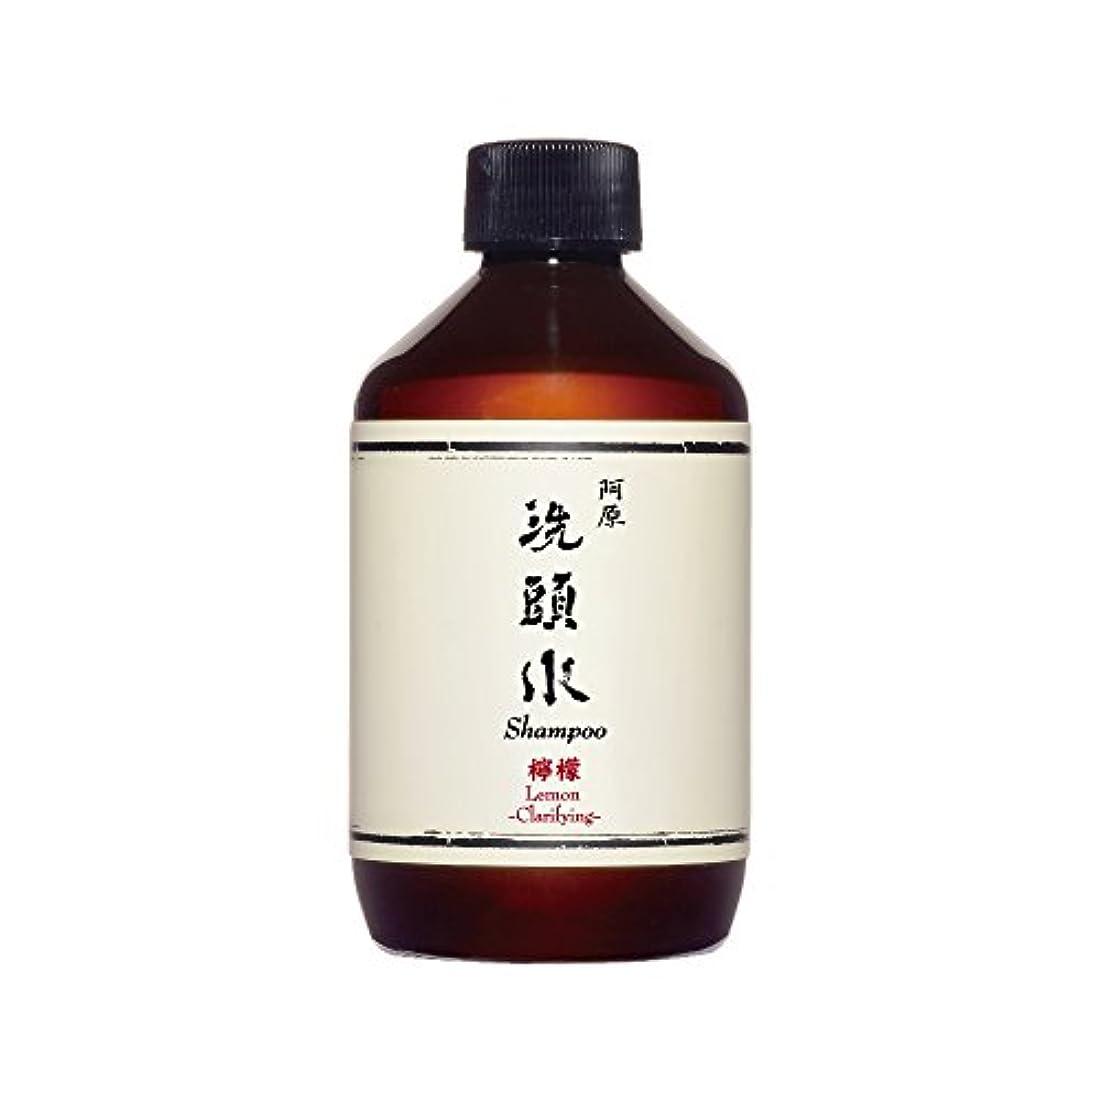 評論家送信する学習YUAN(ユアン) 檸檬(レモン)スカルプシャンプー 50ml